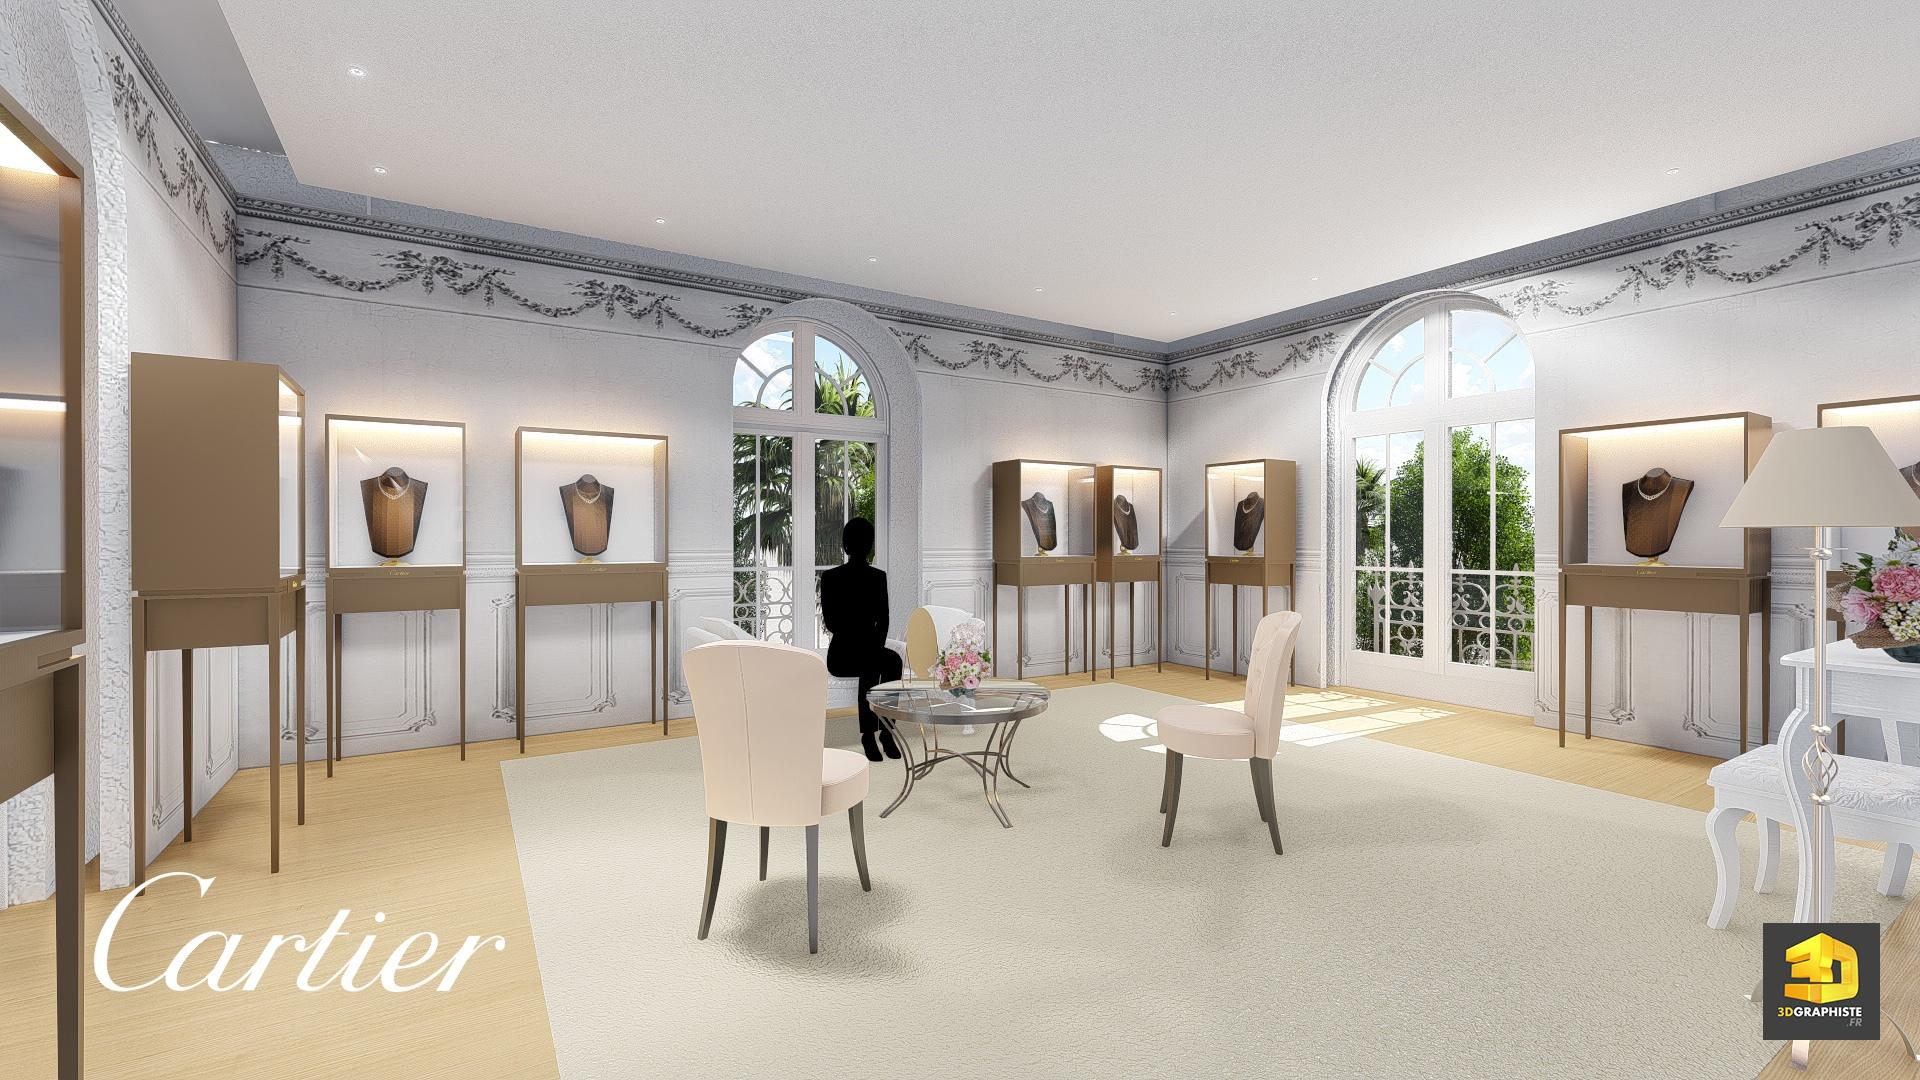 Design D Interieur Showroom Cartier Rough 3d 3dgraphiste Fr